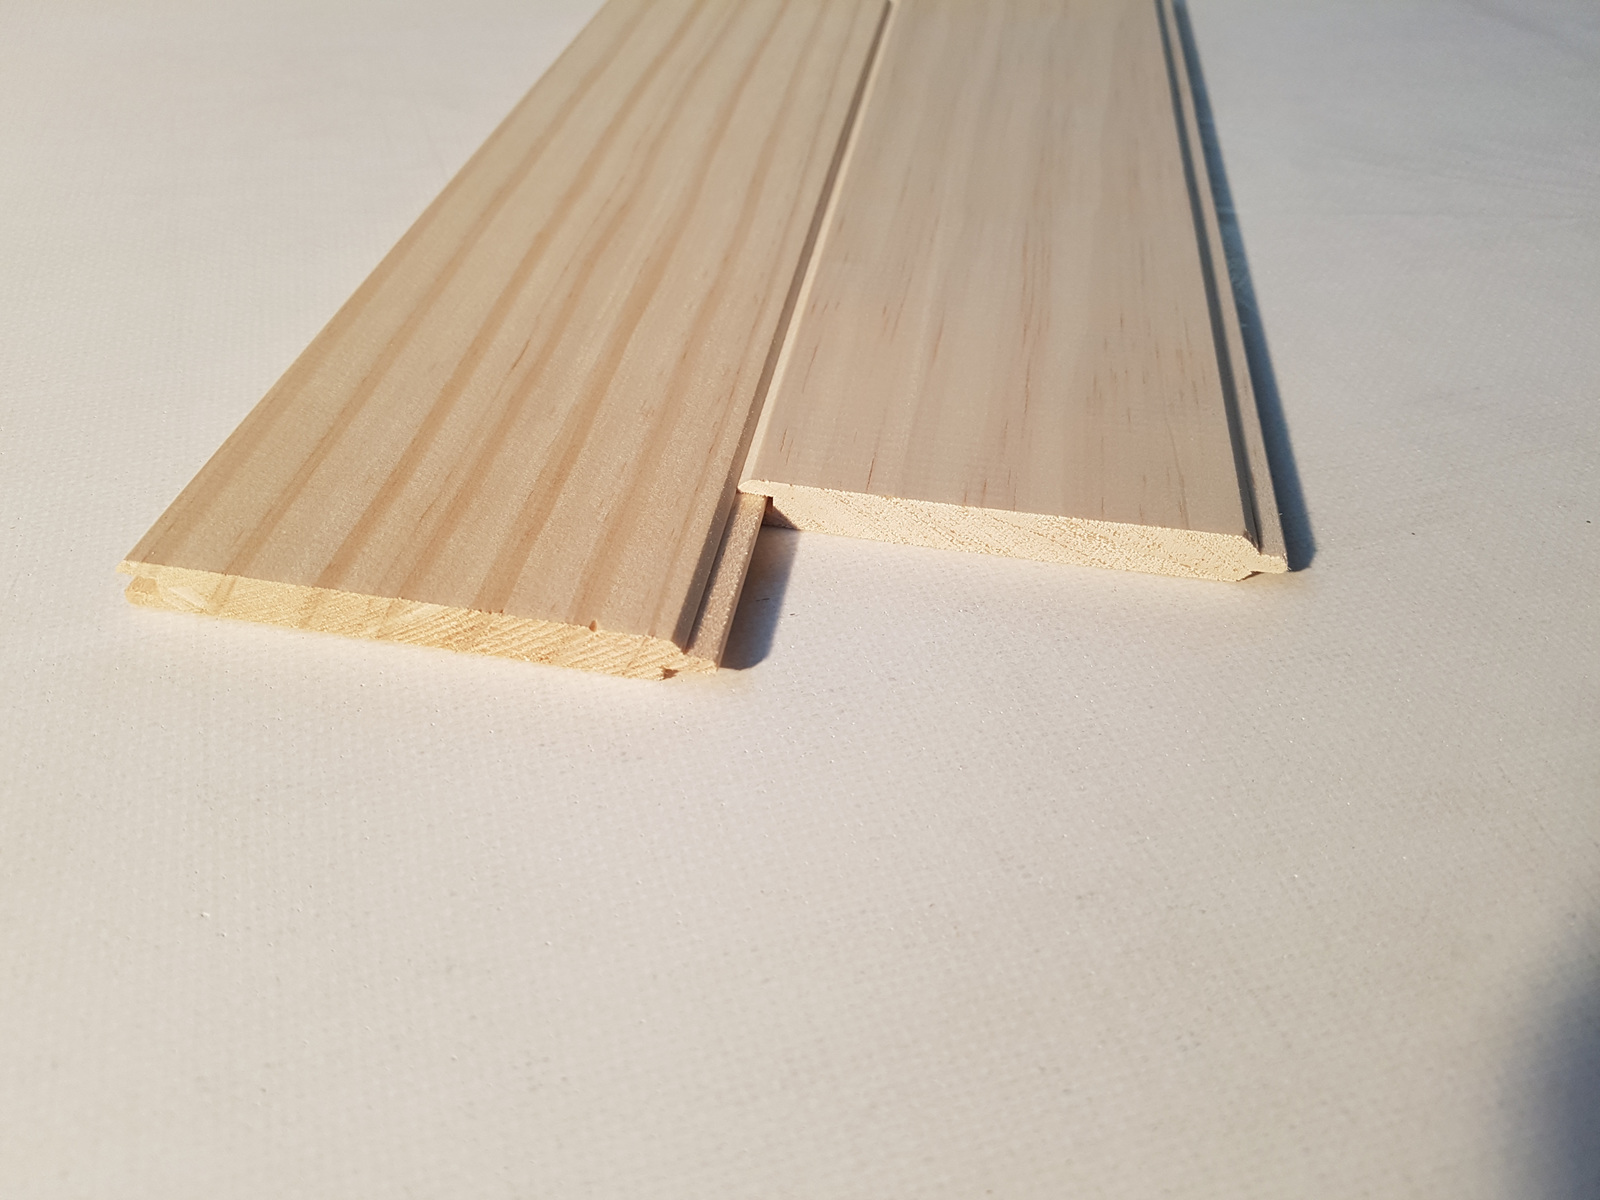 ЛАМПЕРИЯ 9/1,5/400СМ - ПРОИЗХОД БЪЛГАРИЯ  - КОНАС ООД  - производство на  мебели от масив, дървен материал и дървен материал за строителството